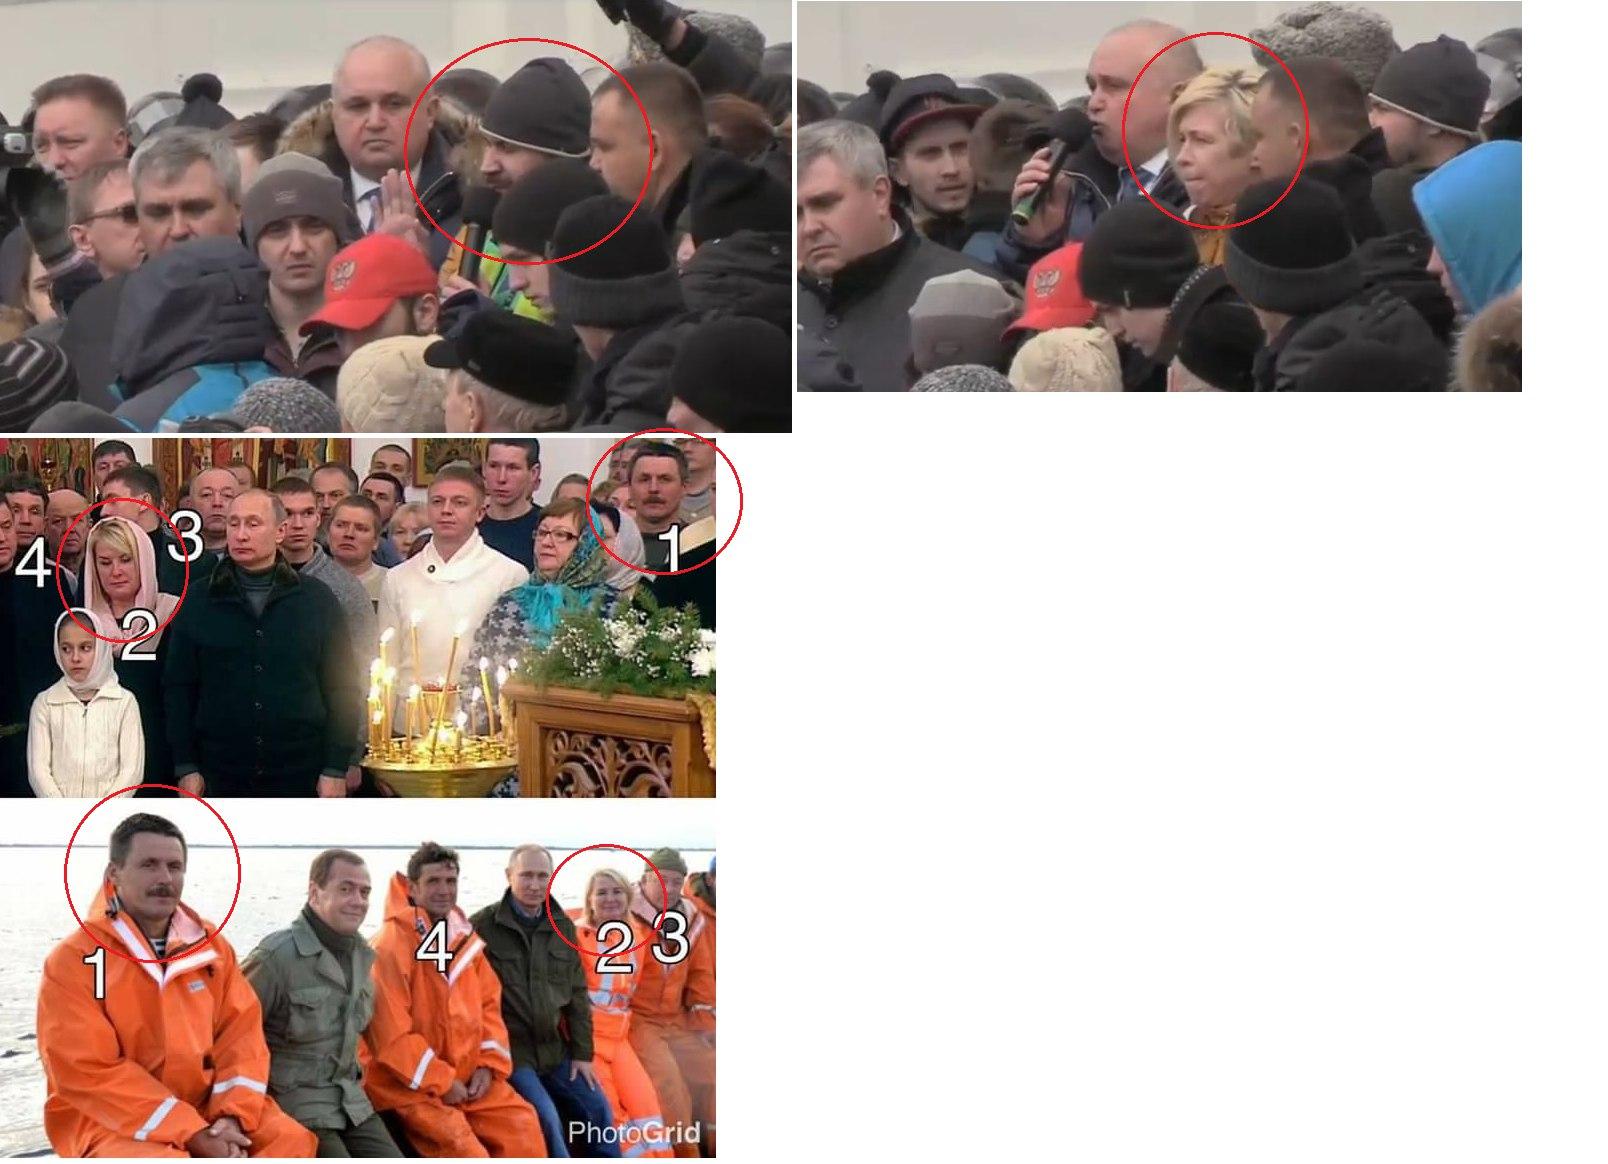 Актёры Путина на митинге в Кемерово изображают простых людей